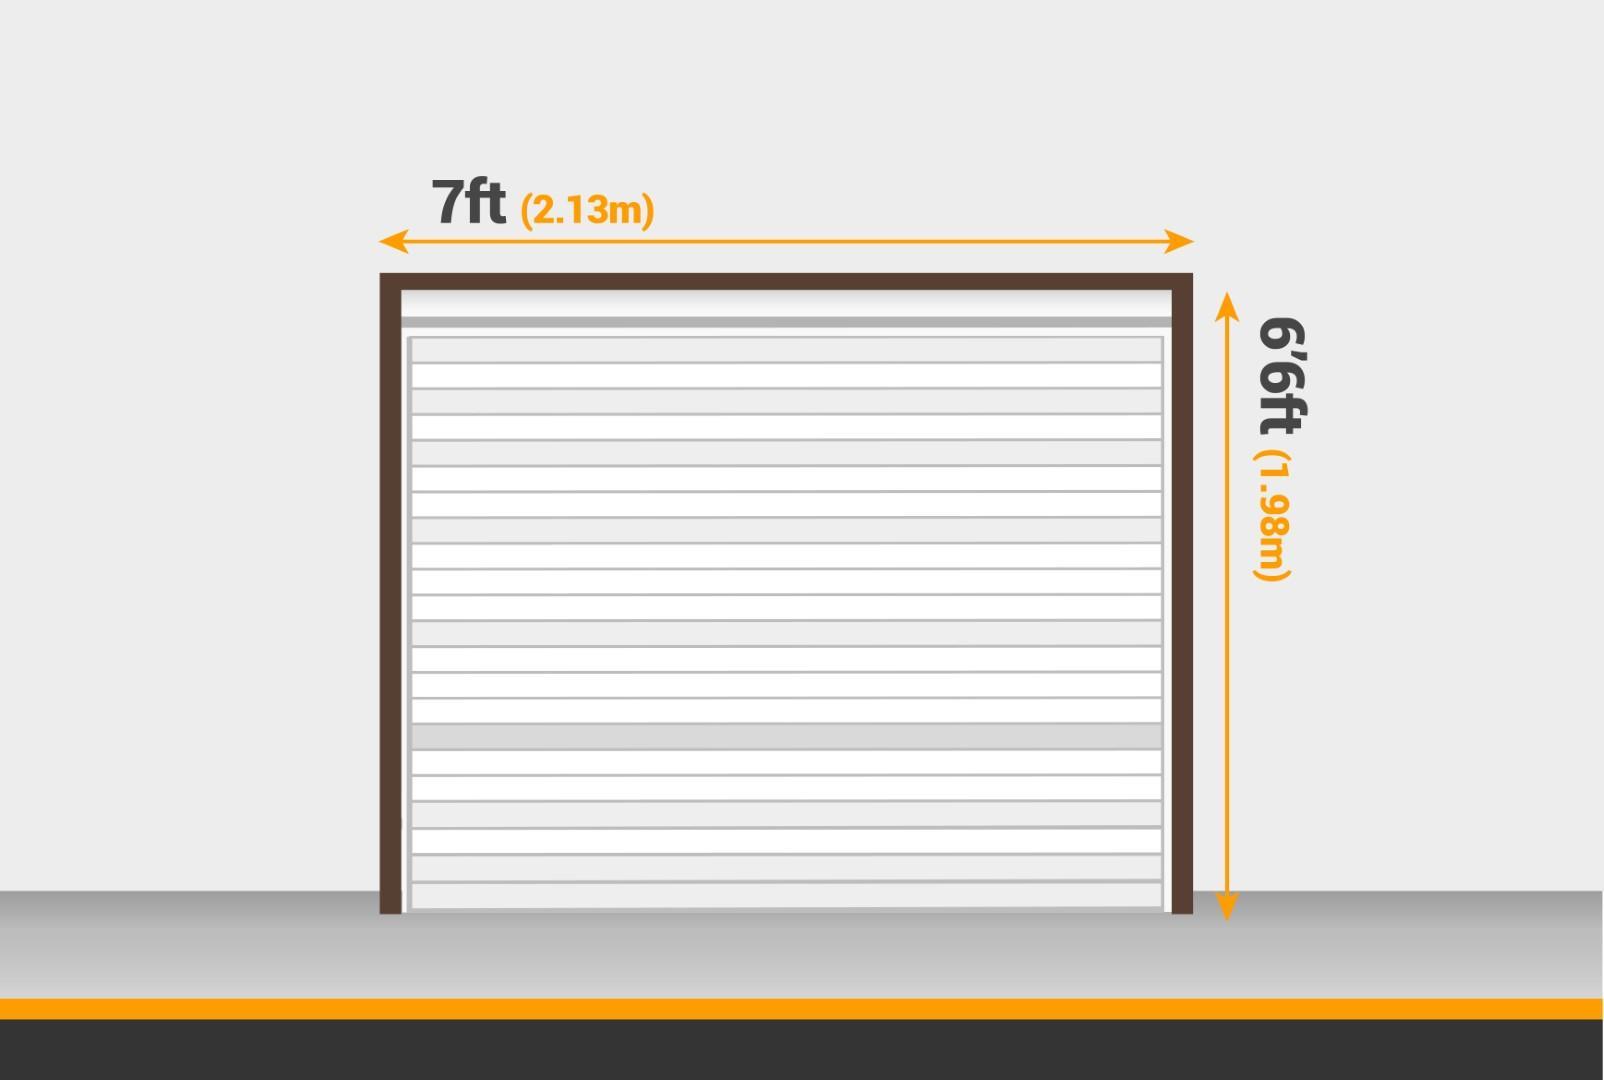 Standard single garage door size 7 x 6'6